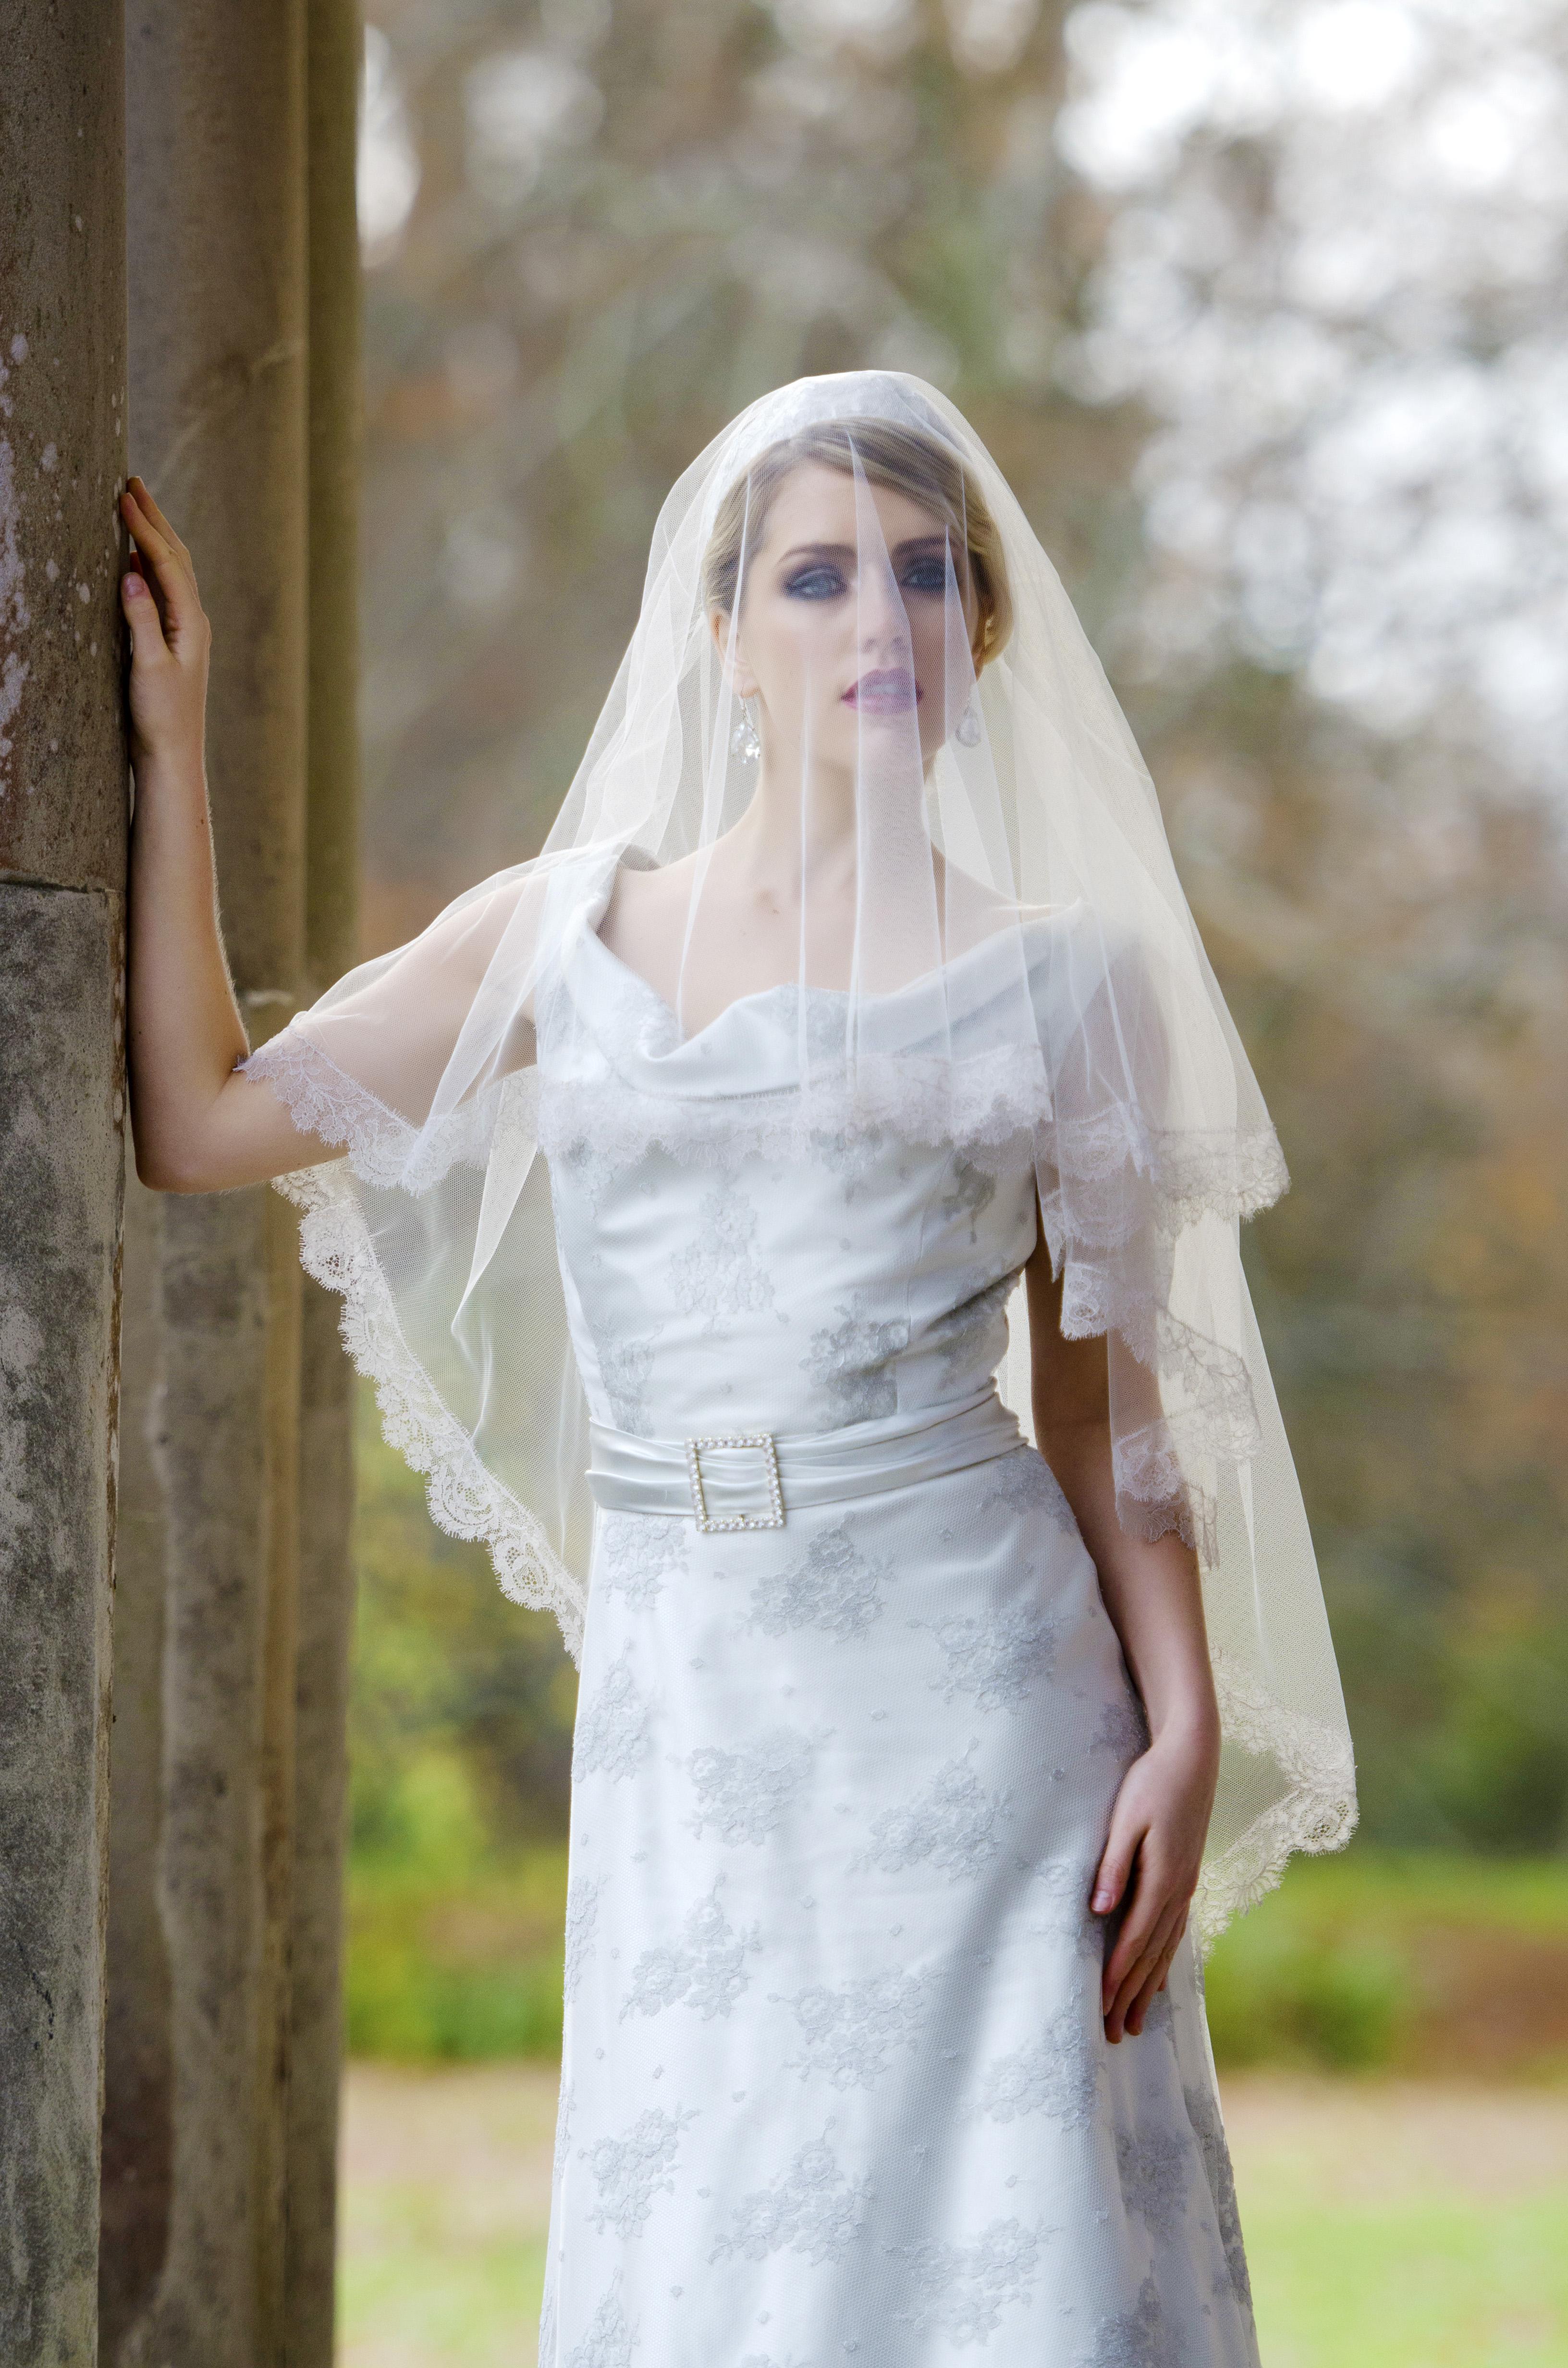 33e2a44e9a736 Juliet Cap Wedding Veil